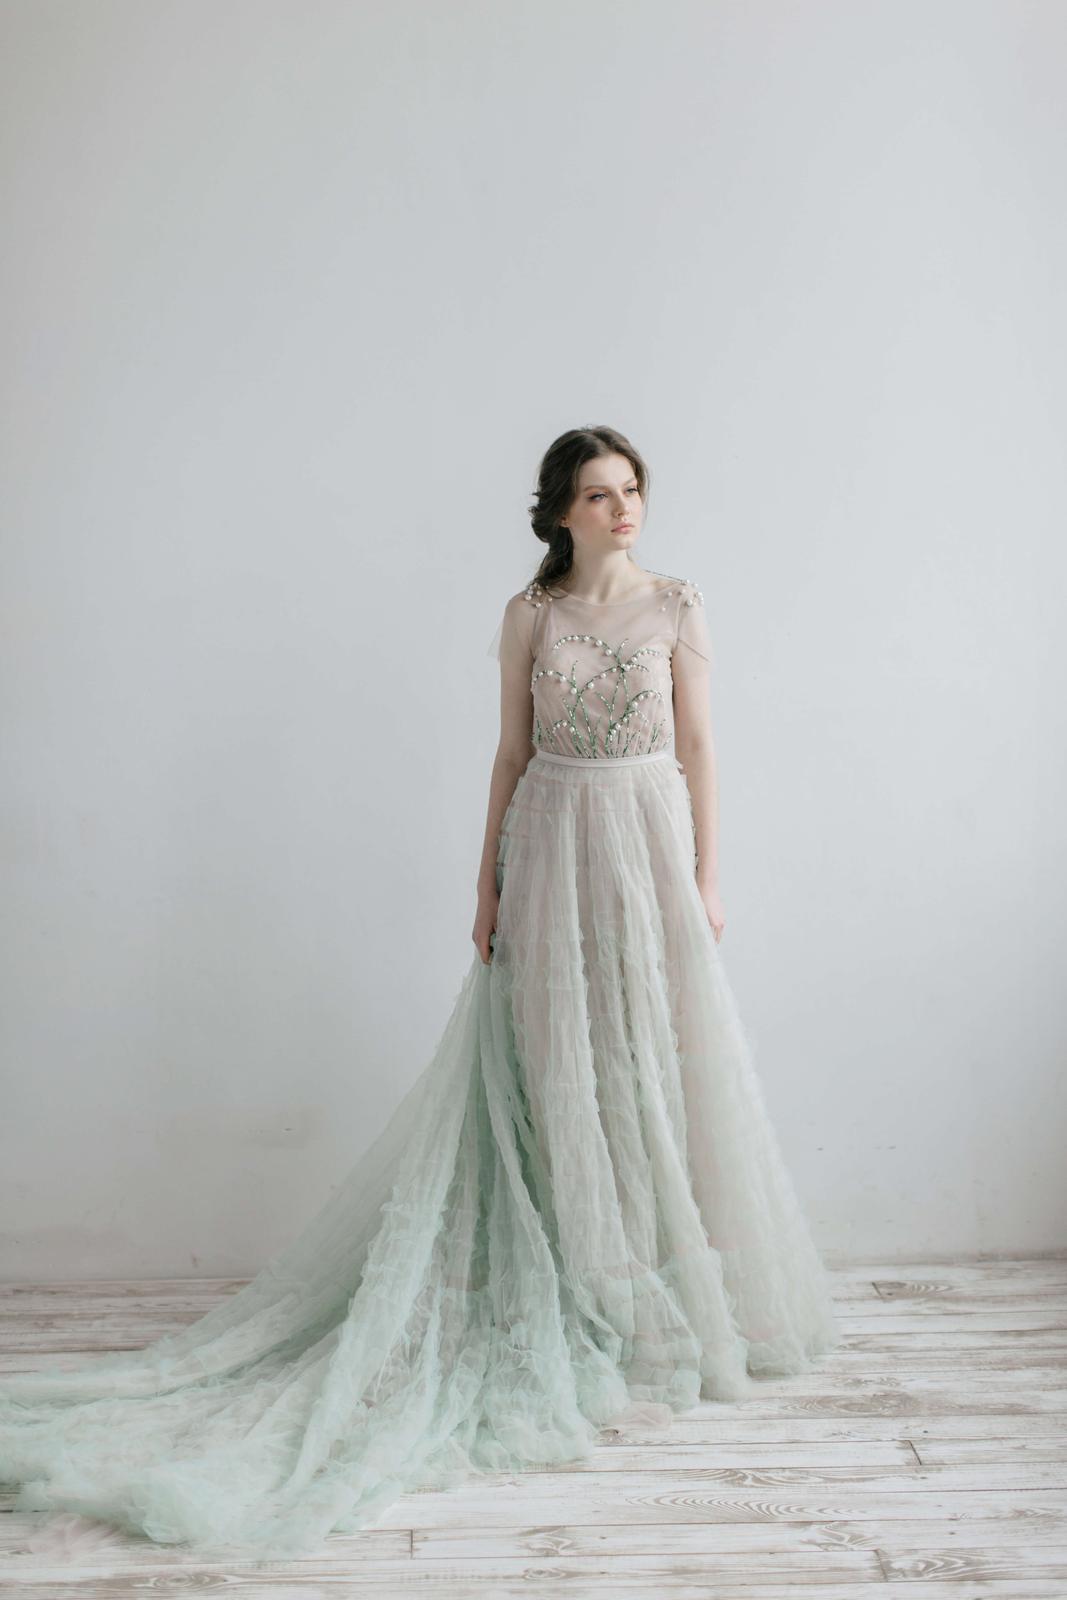 Ach tie šaty :) - Obrázek č. 44